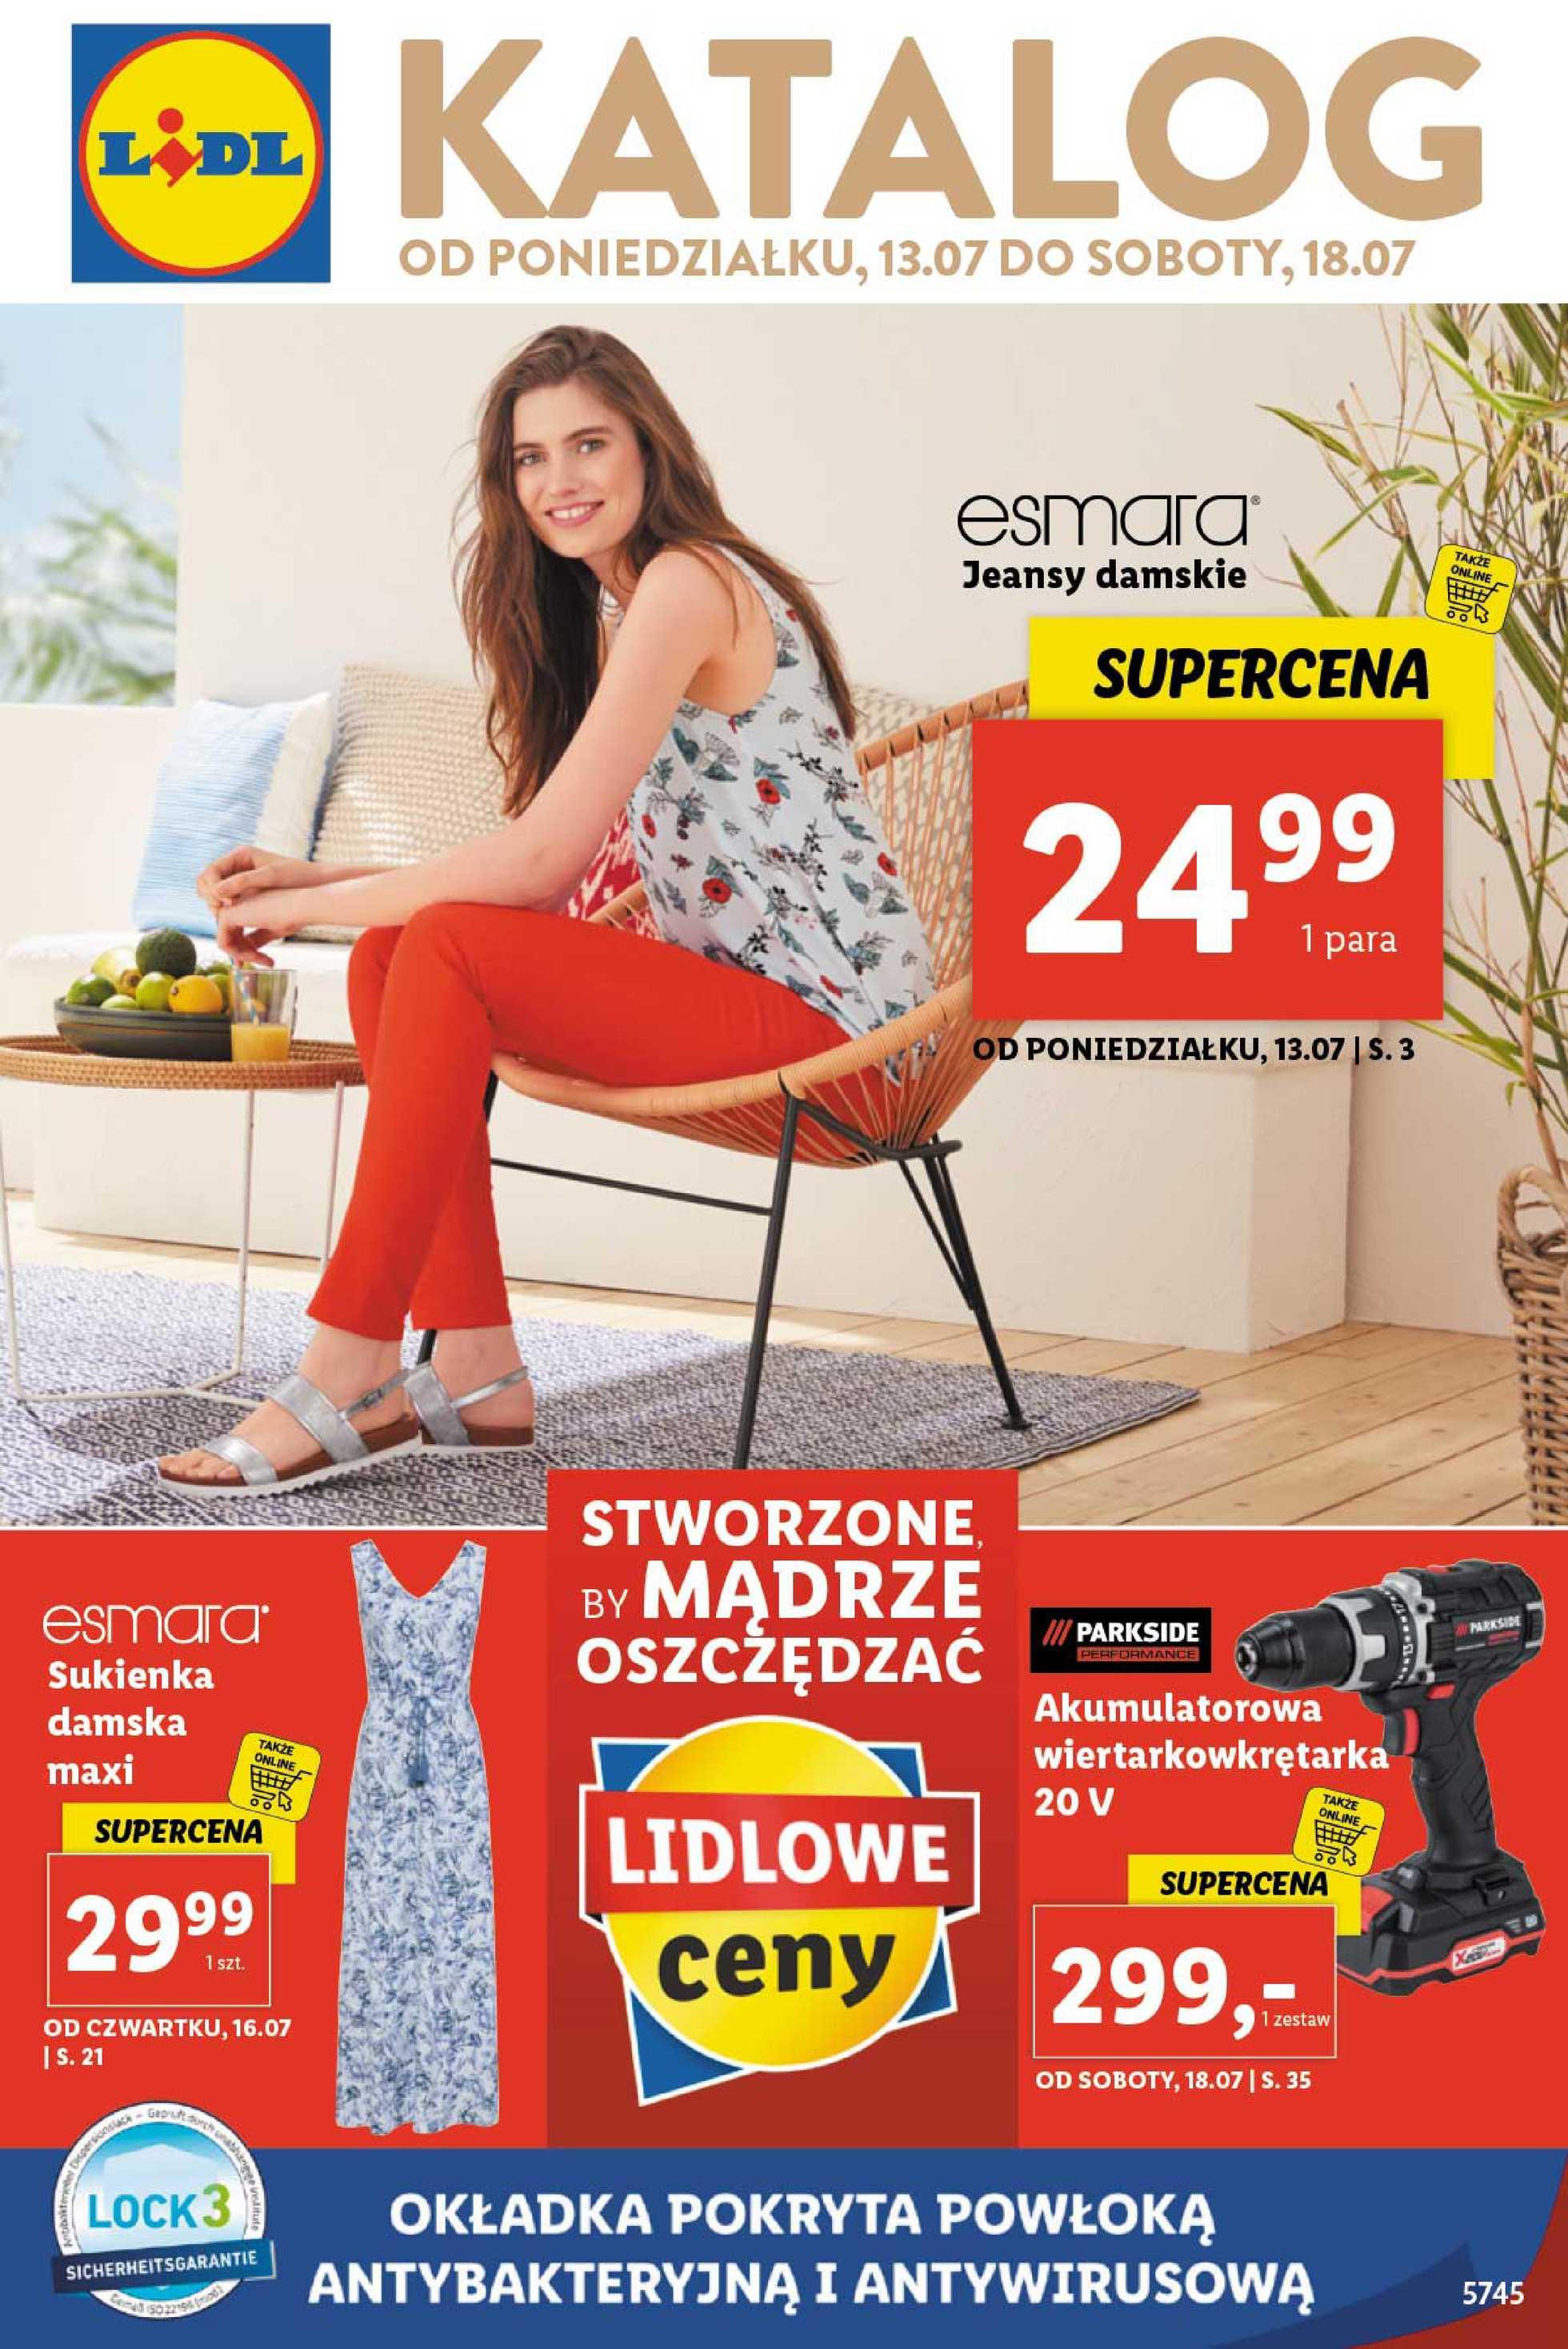 Lidl - gazetka promocyjna ważna od 13.07.2020 do 18.07.2020 - strona 1.